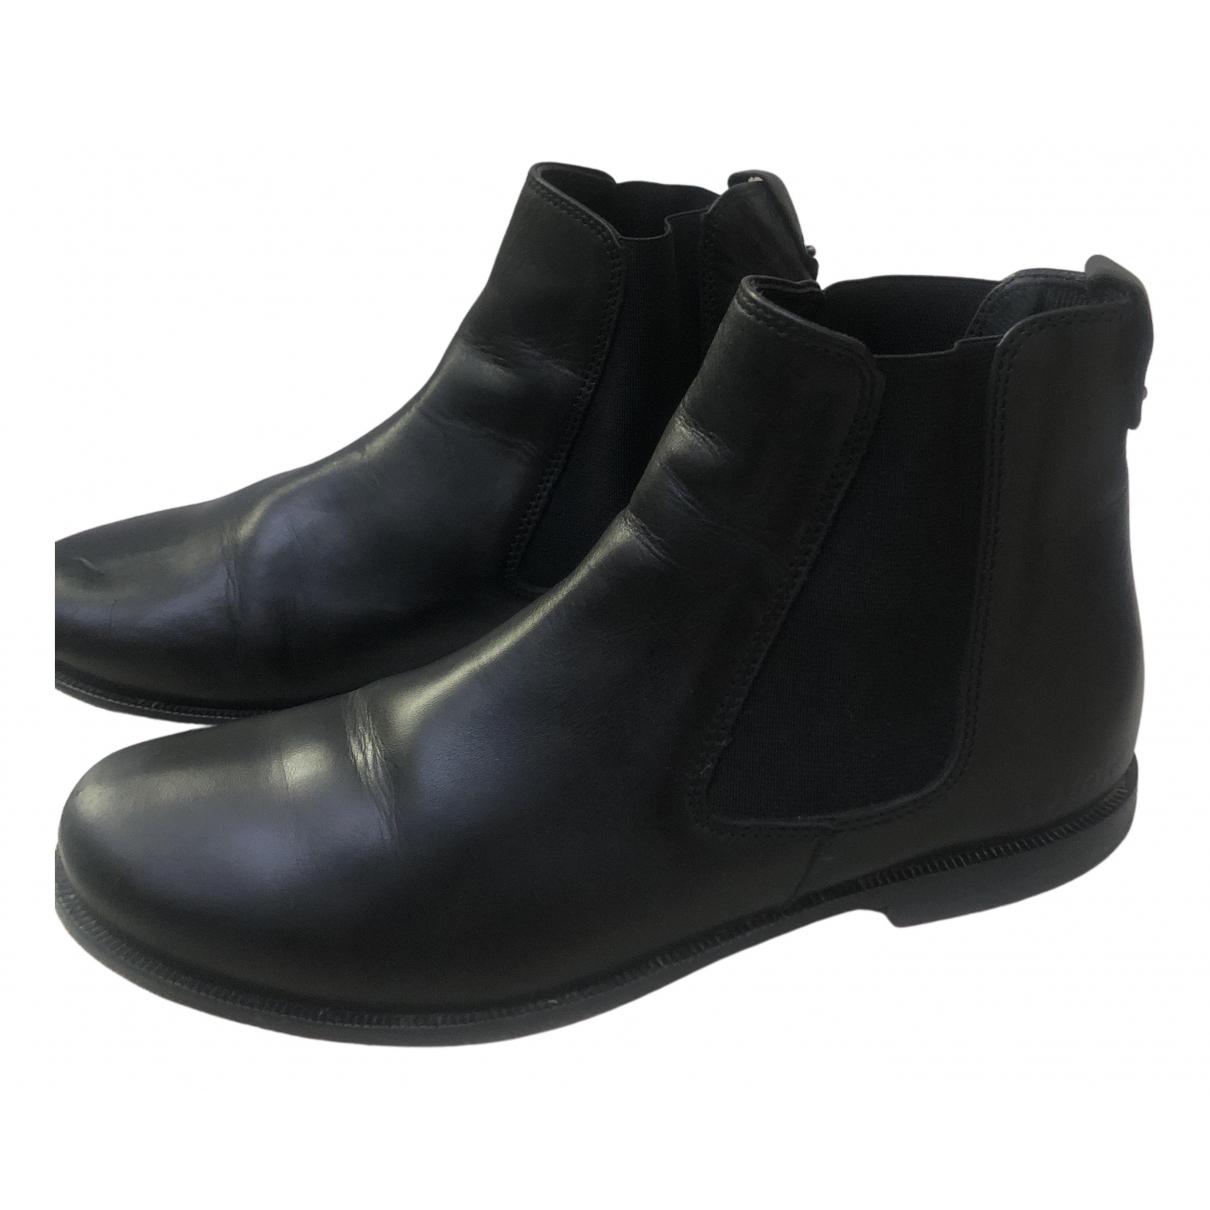 Dior - Bottes.Bottines   pour enfant en cuir - noir